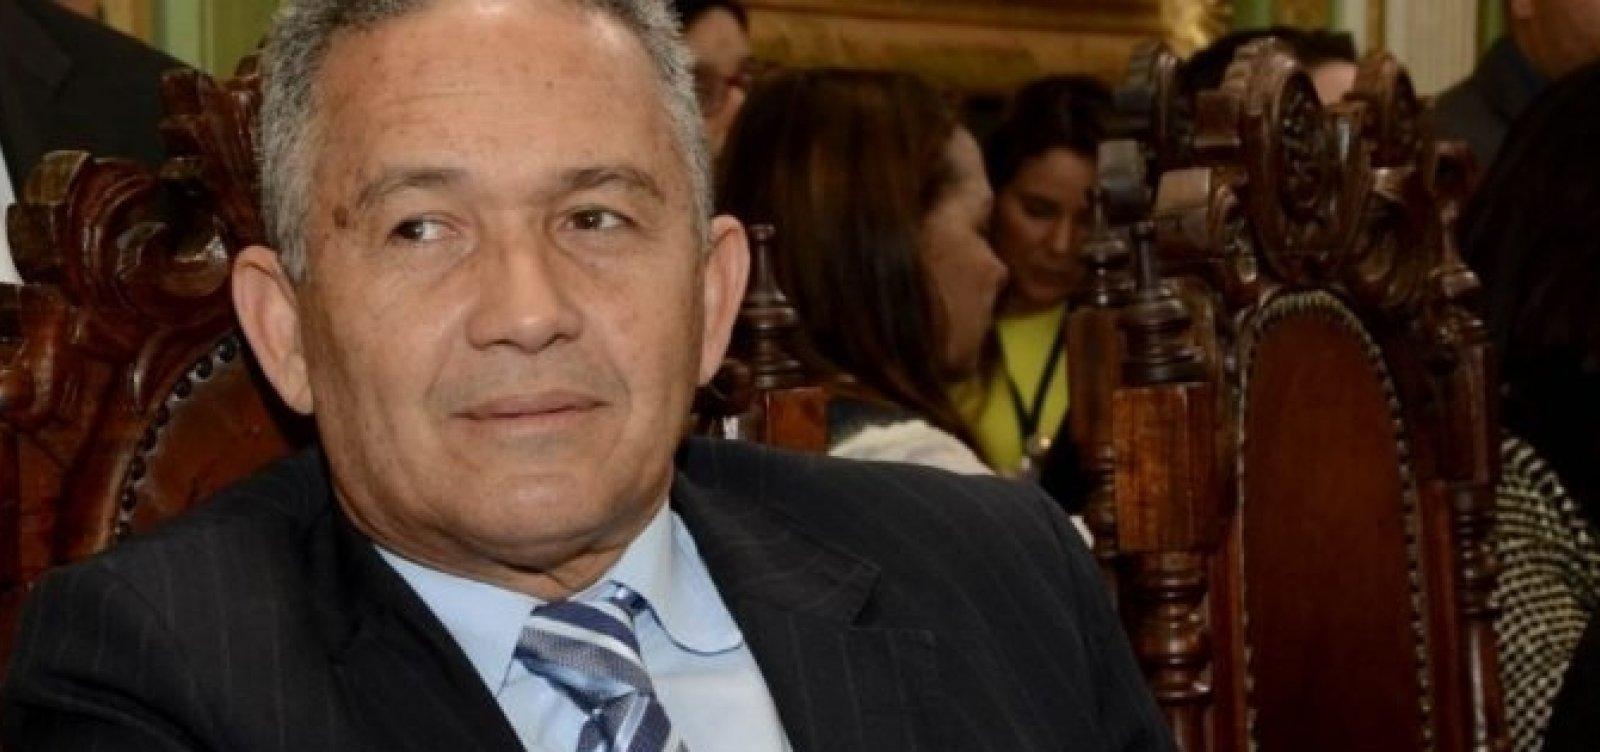 Téo Senna abre mão de candidatura e apoia Geraldo Júnior